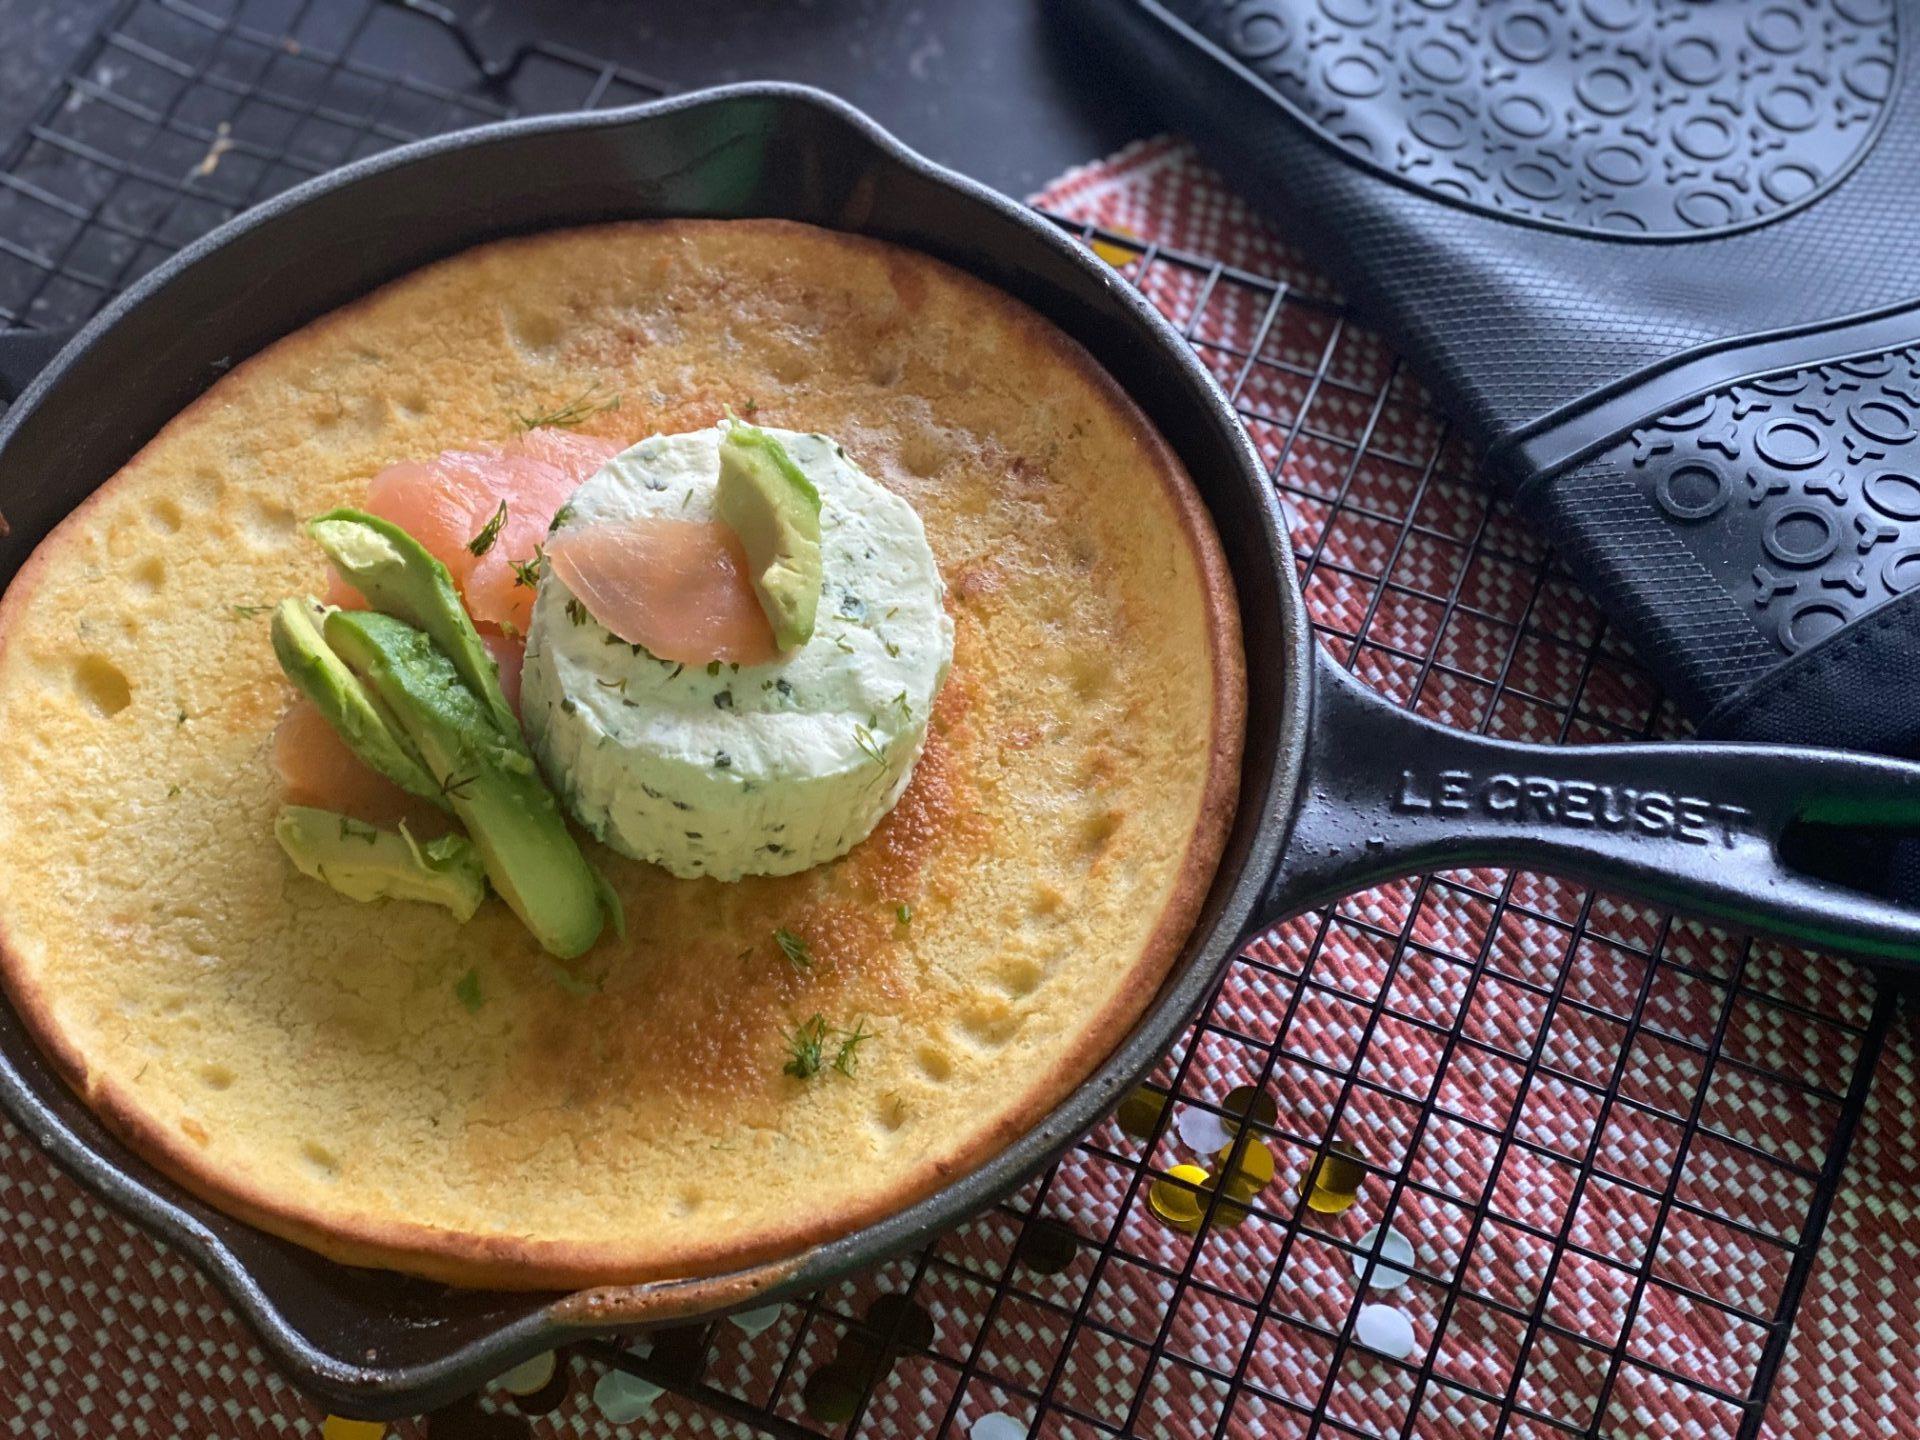 Hartige Dutch Baby met zalm, avocado en kruidenkaasje